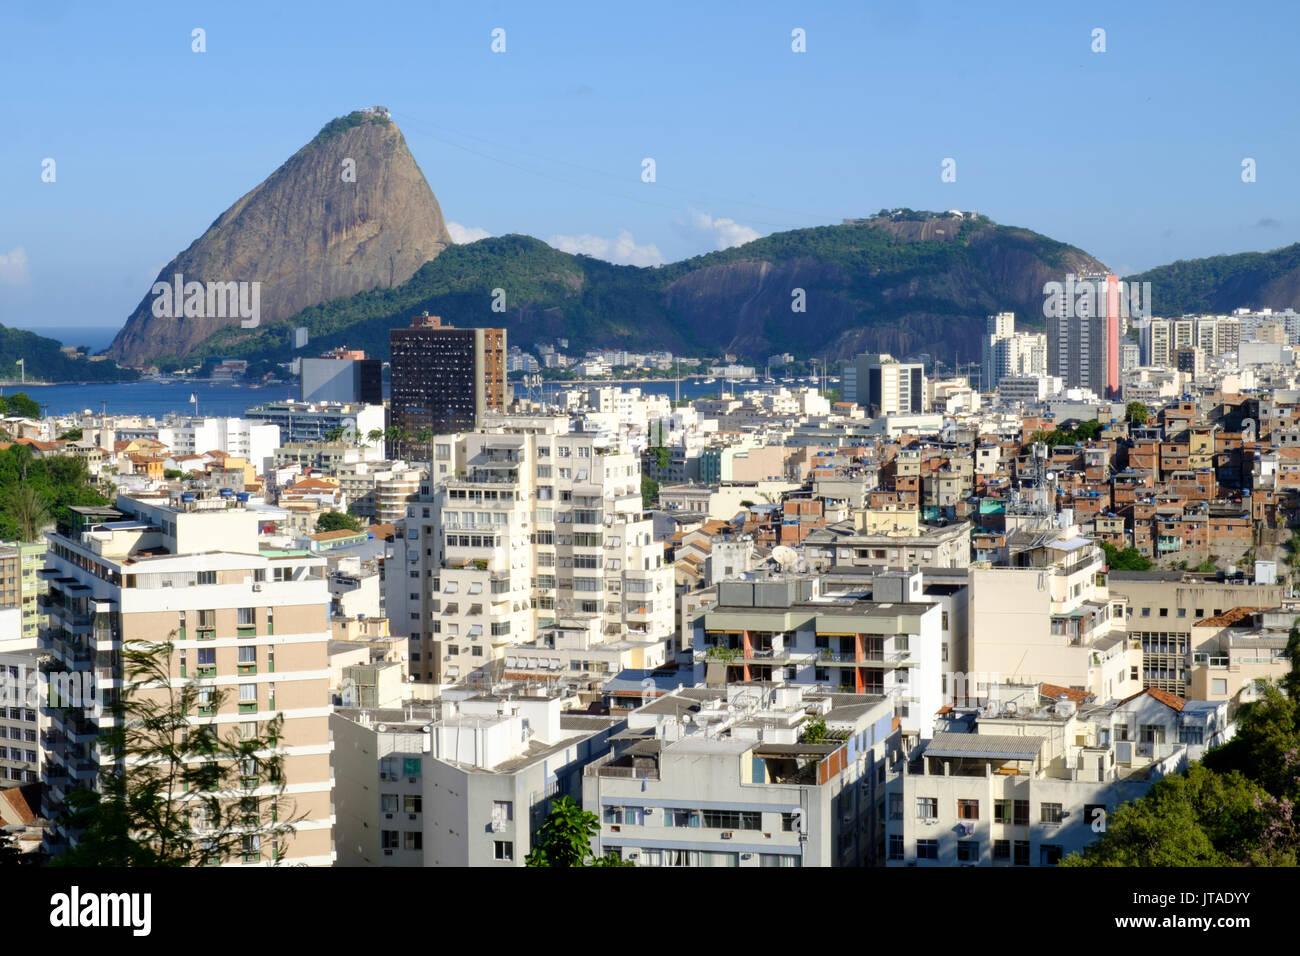 Vista de una favela con el Pan de Azúcar en el fondo, Río de Janeiro, Brasil, América del Sur Imagen De Stock